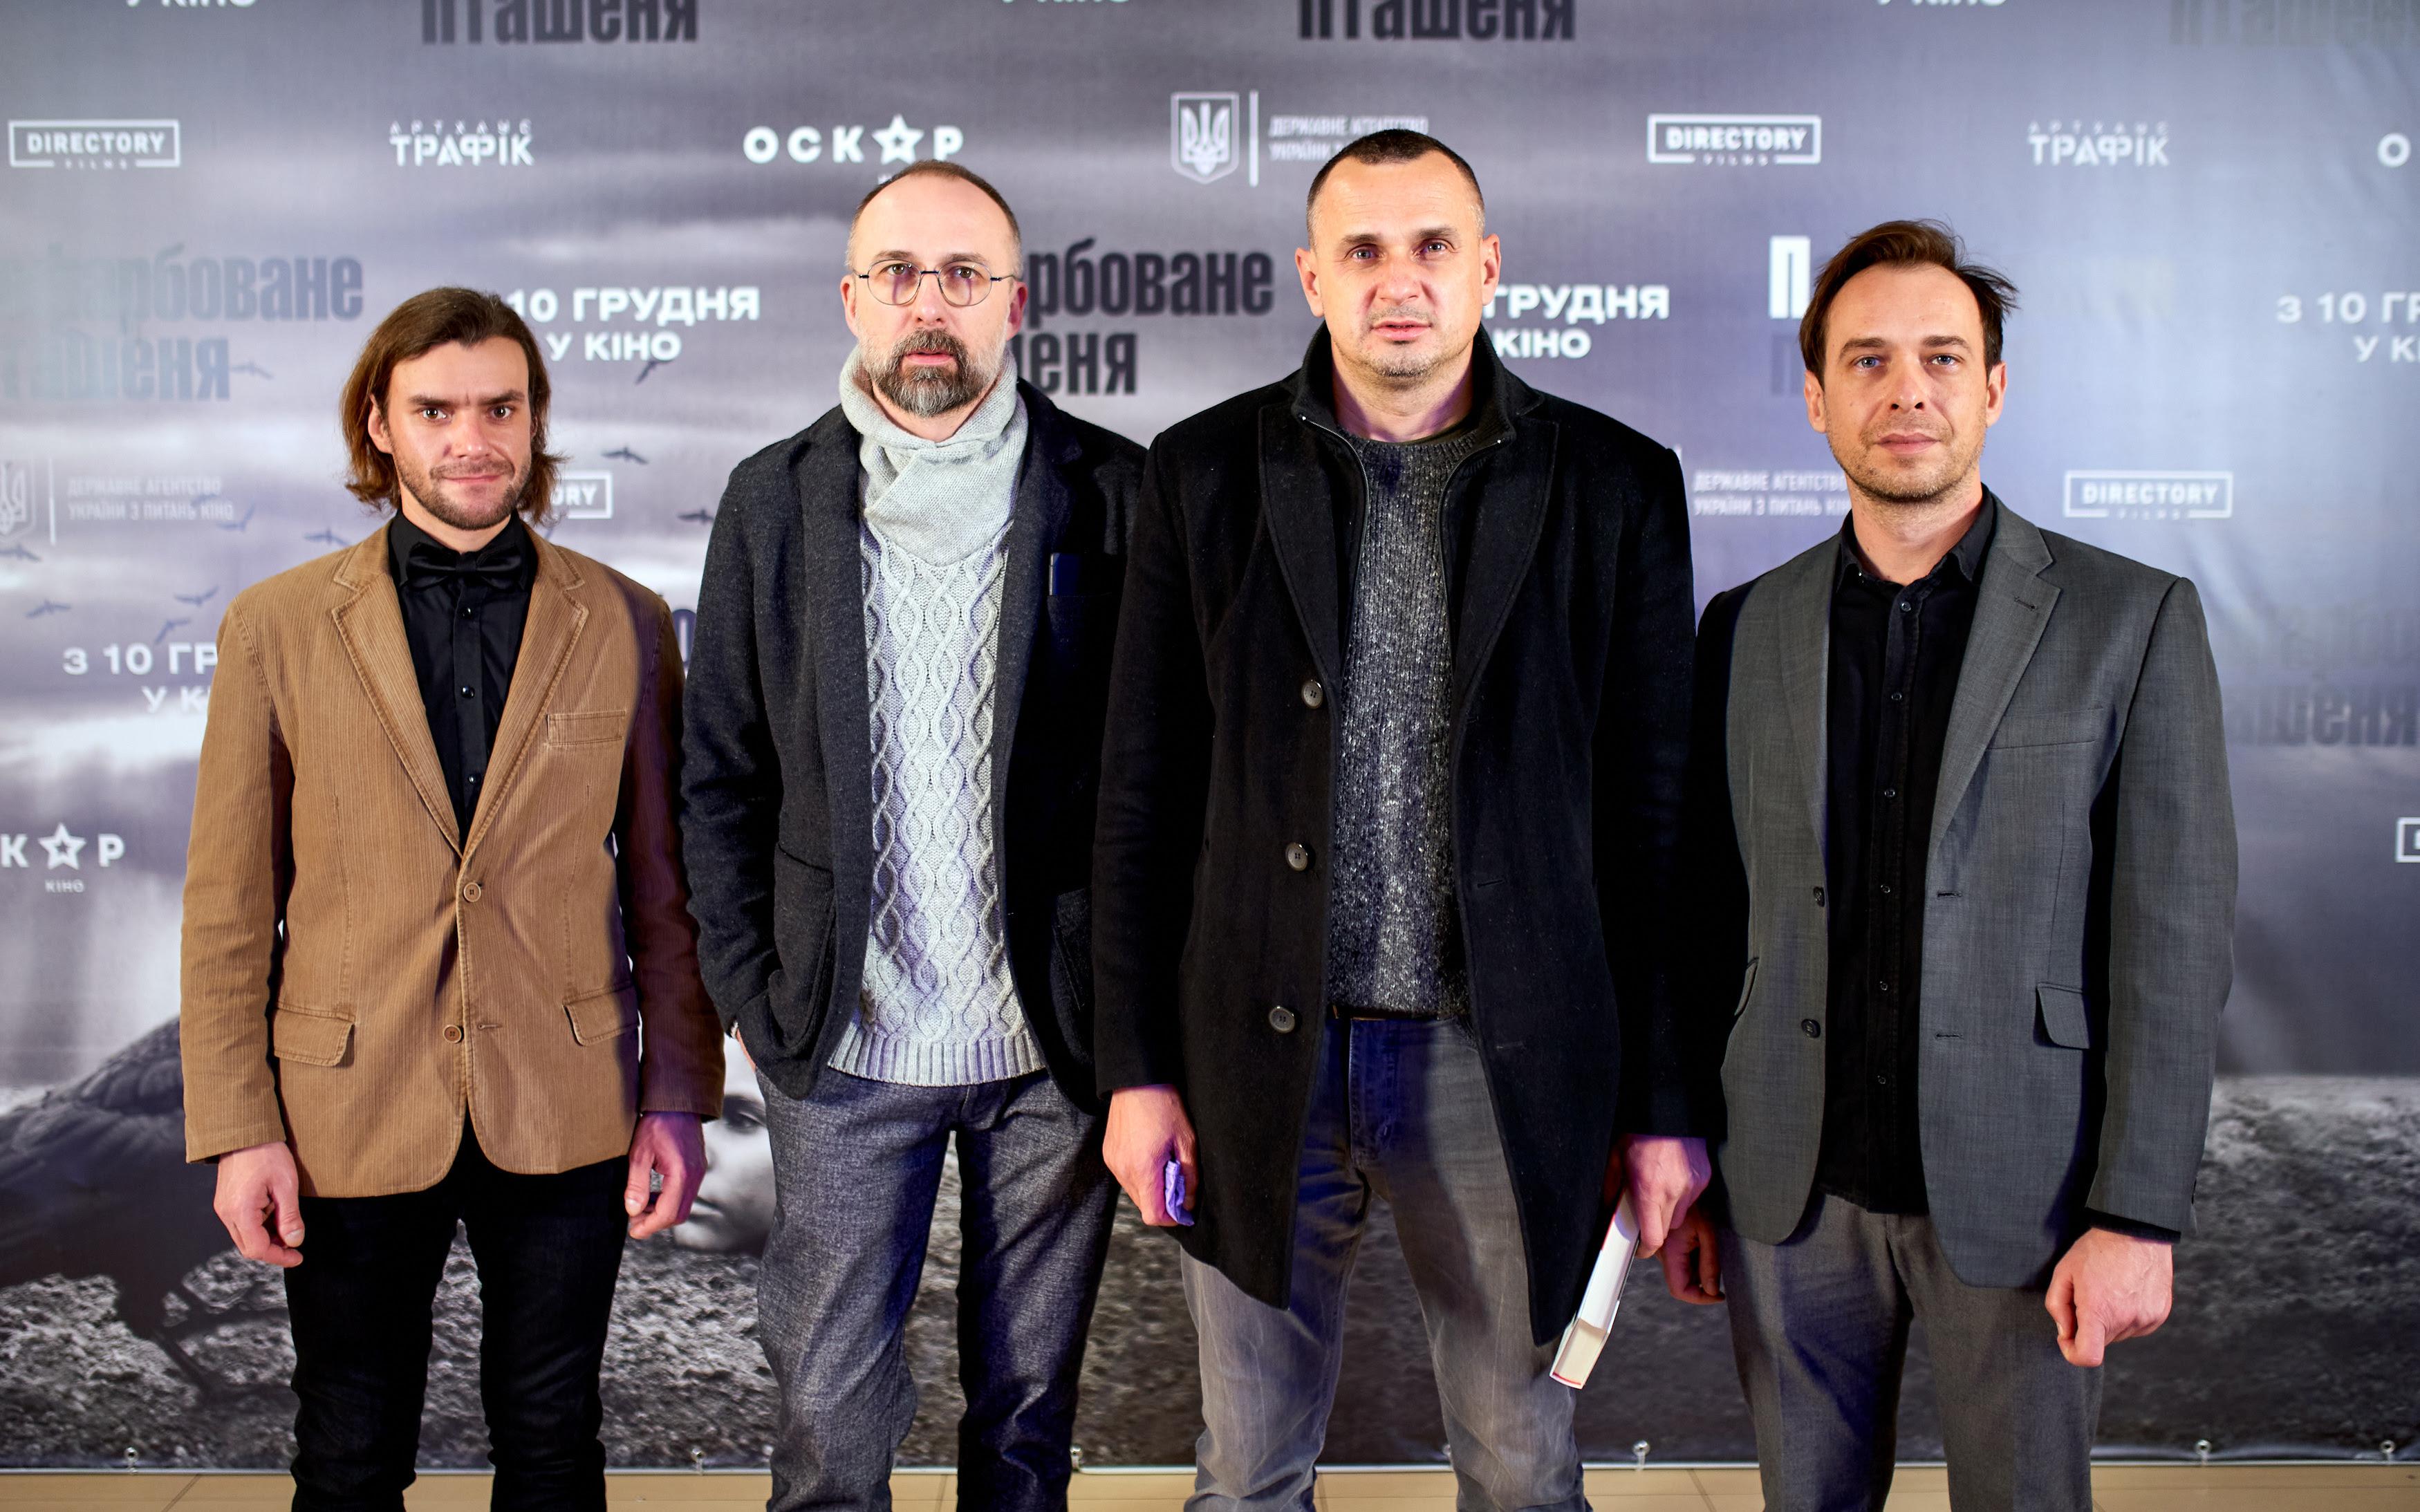 Остап Дзядек, Ігор Савиченко, Олег Сенцов, Євген Черніков